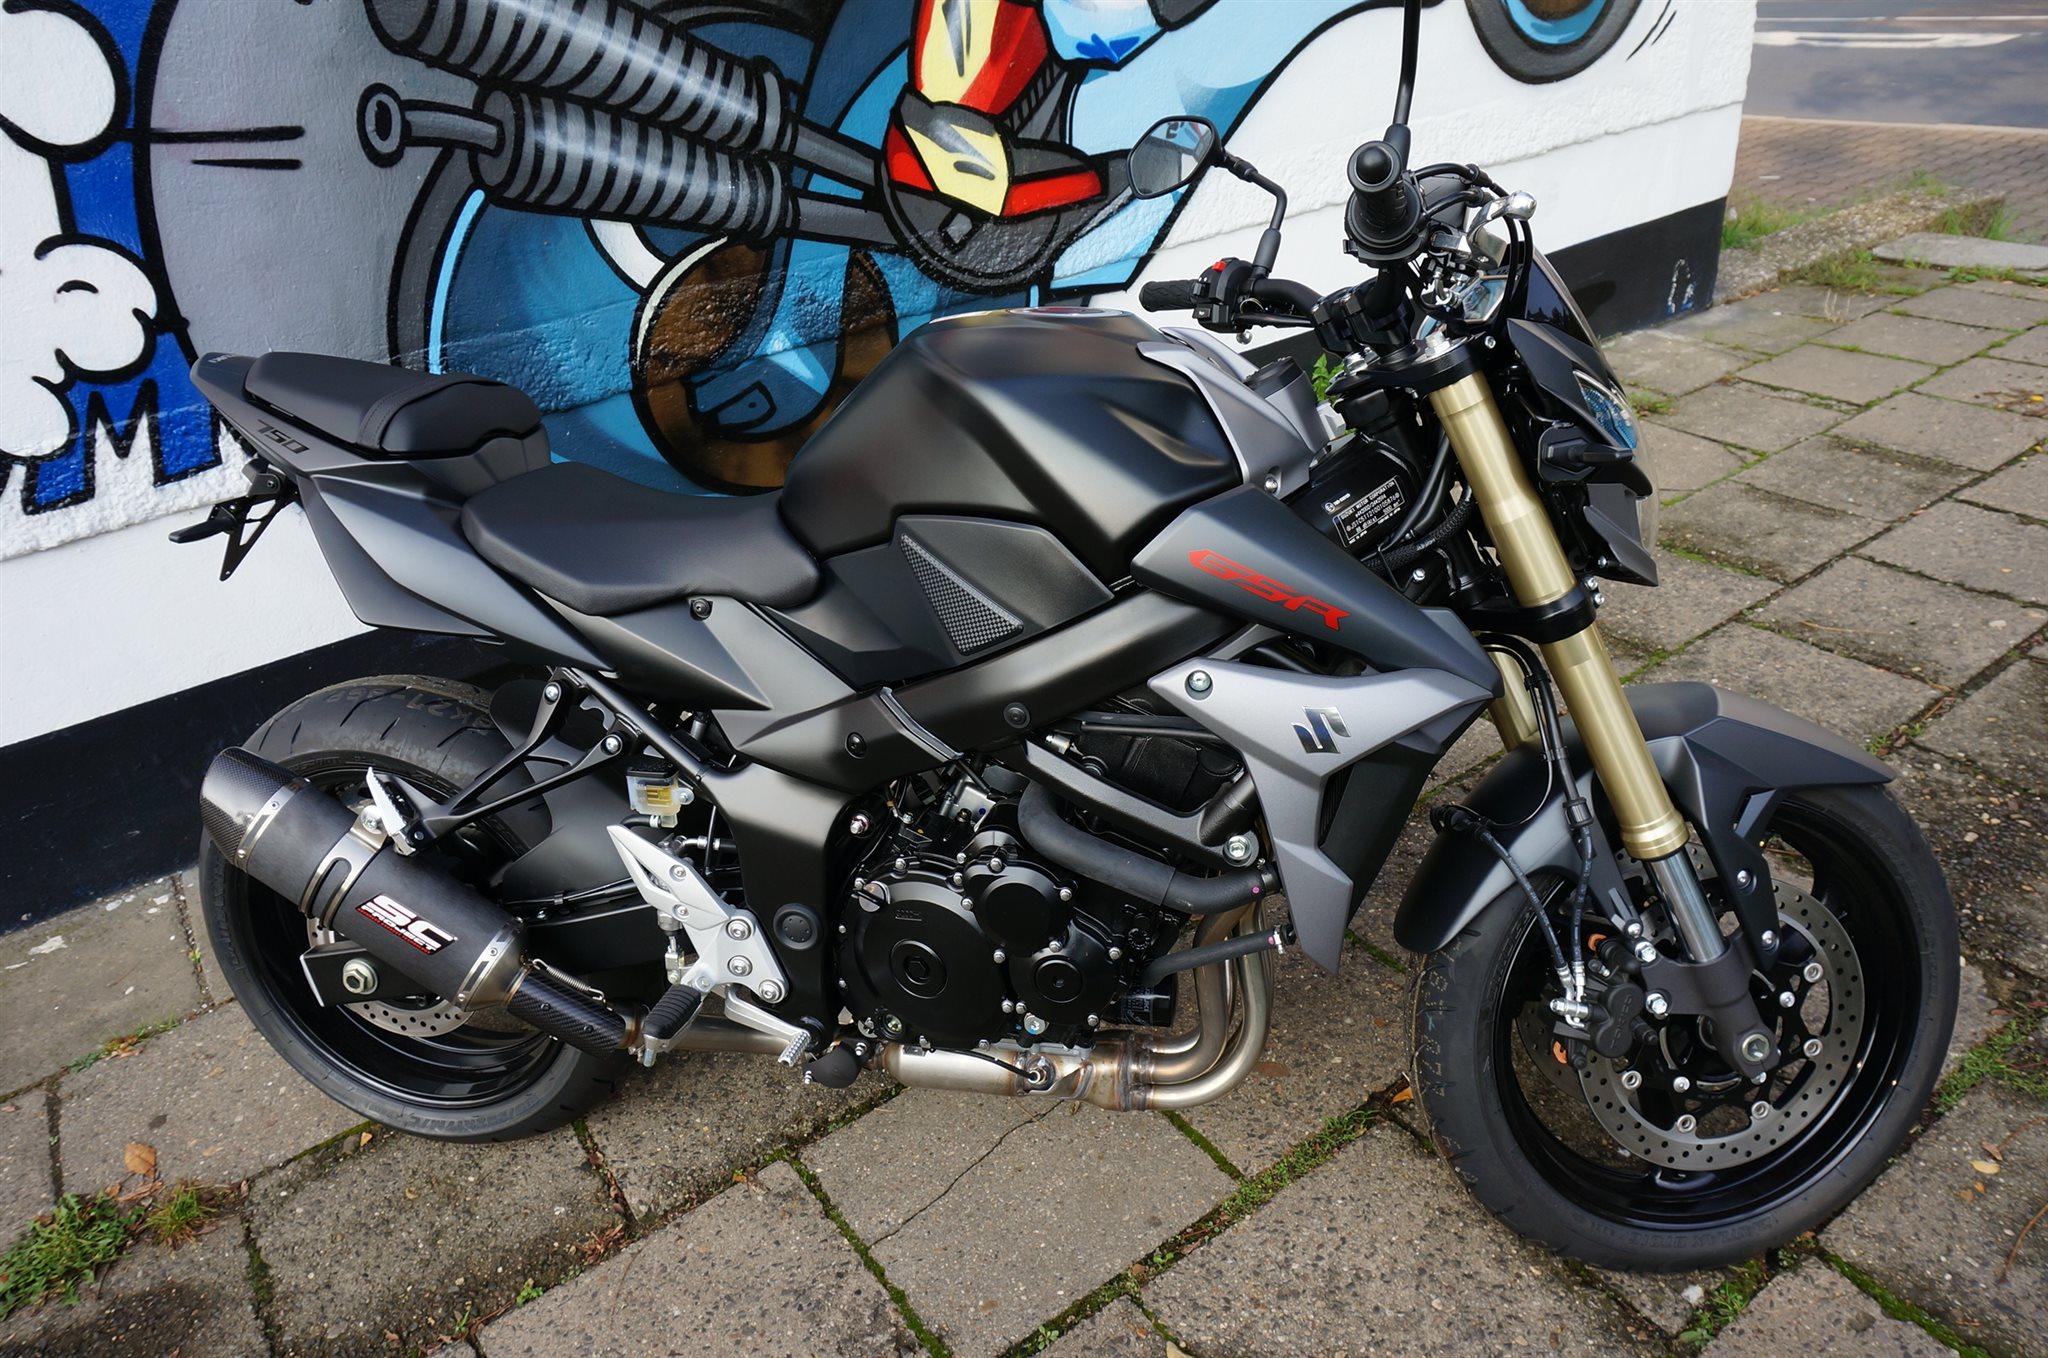 umgebautes motorrad suzuki gsr 750 von motorradhaus steinbach gmbh. Black Bedroom Furniture Sets. Home Design Ideas